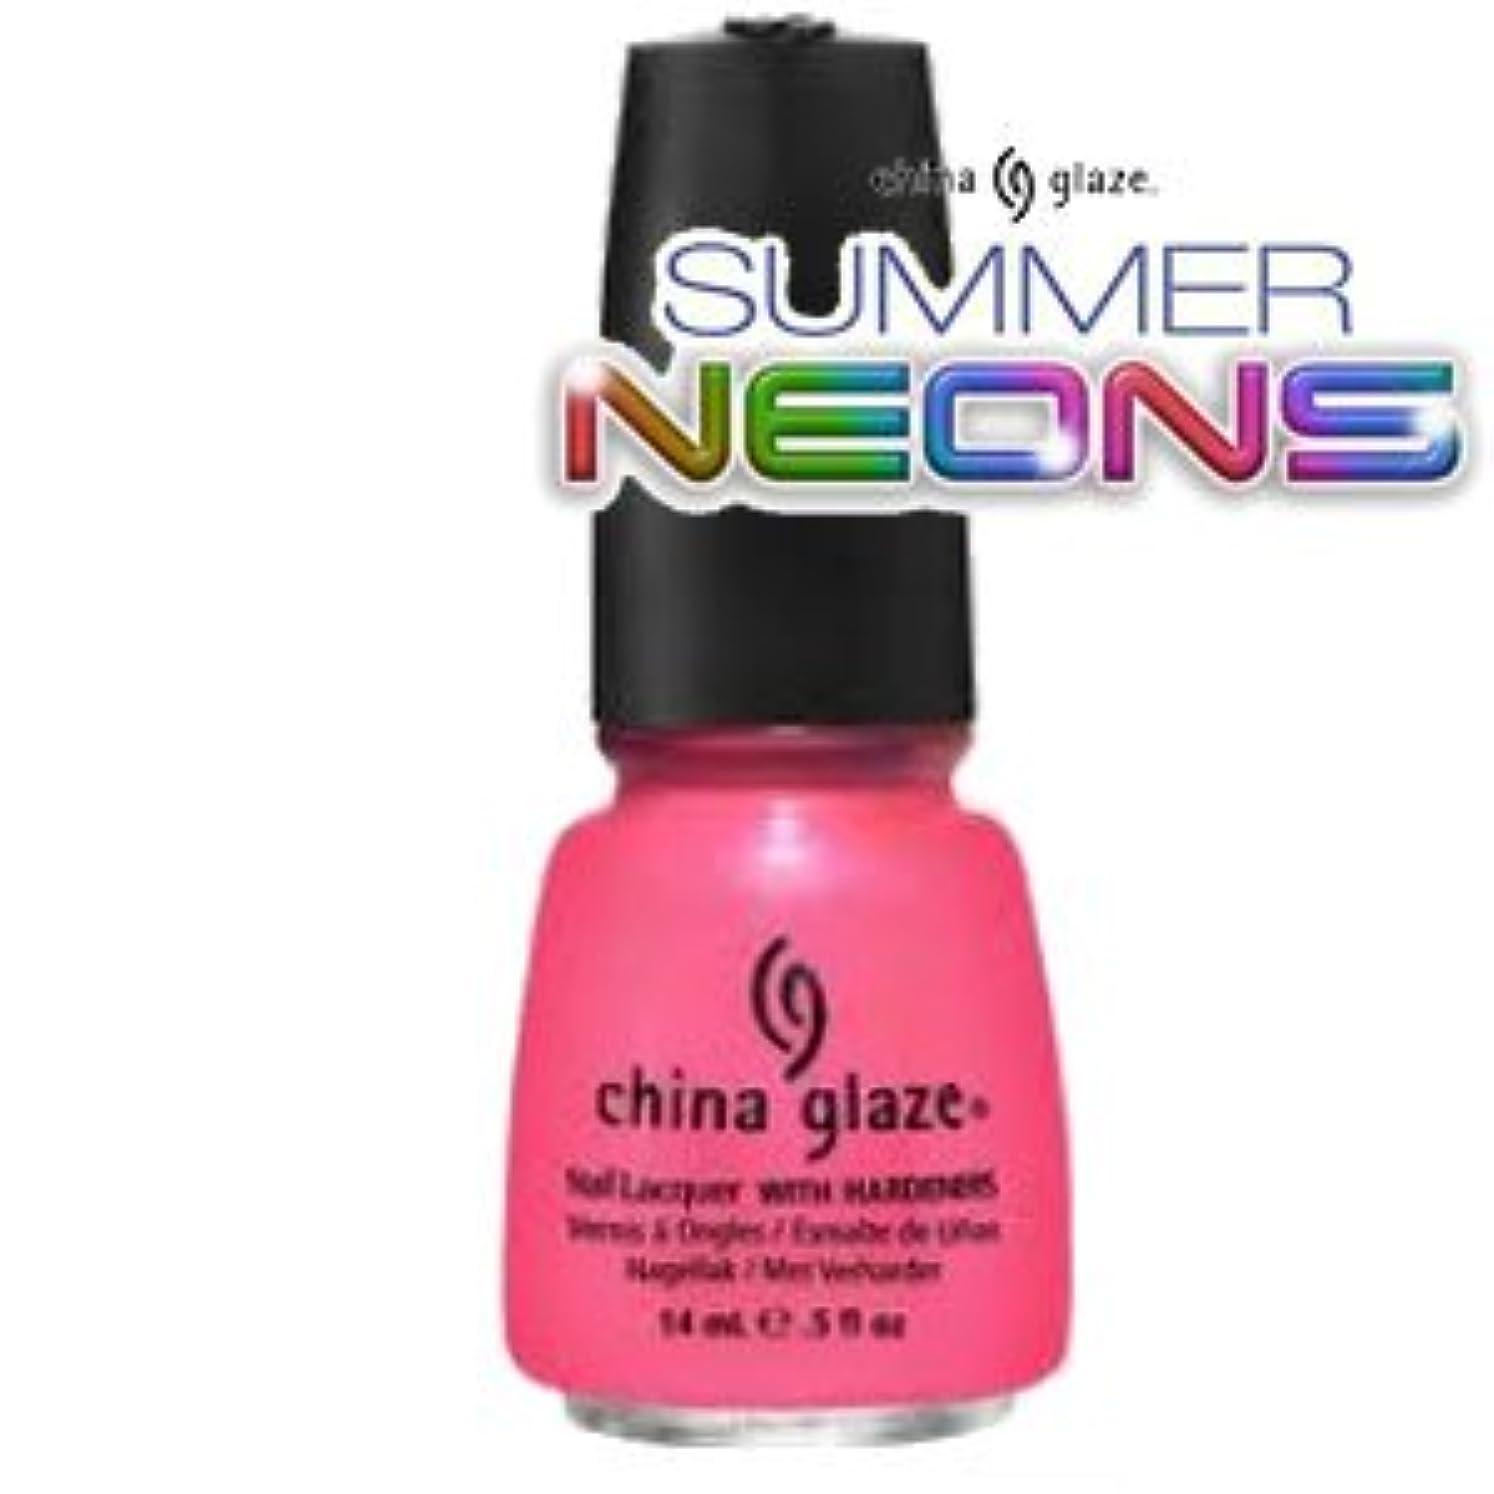 住居開拓者パス(チャイナグレイズ)China Glaze Pink Plumeriaーサマーネオン コレクション [海外直送品][並行輸入品]